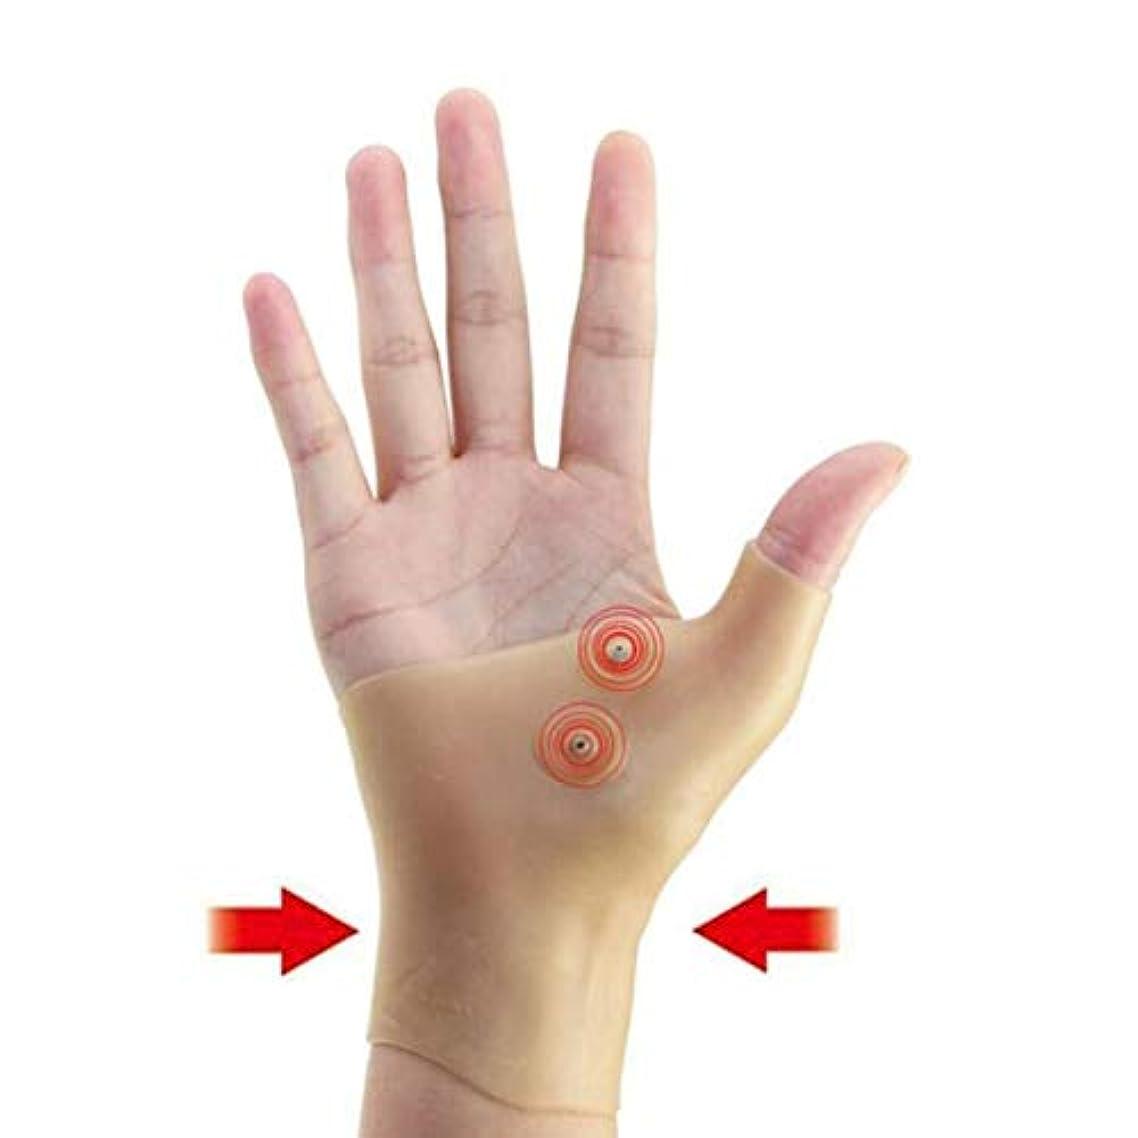 聴覚山積みの故障中磁気療法手首手親指サポート手袋シリコーンゲル関節炎圧力矯正器マッサージ痛み緩和手袋 - 肌の色